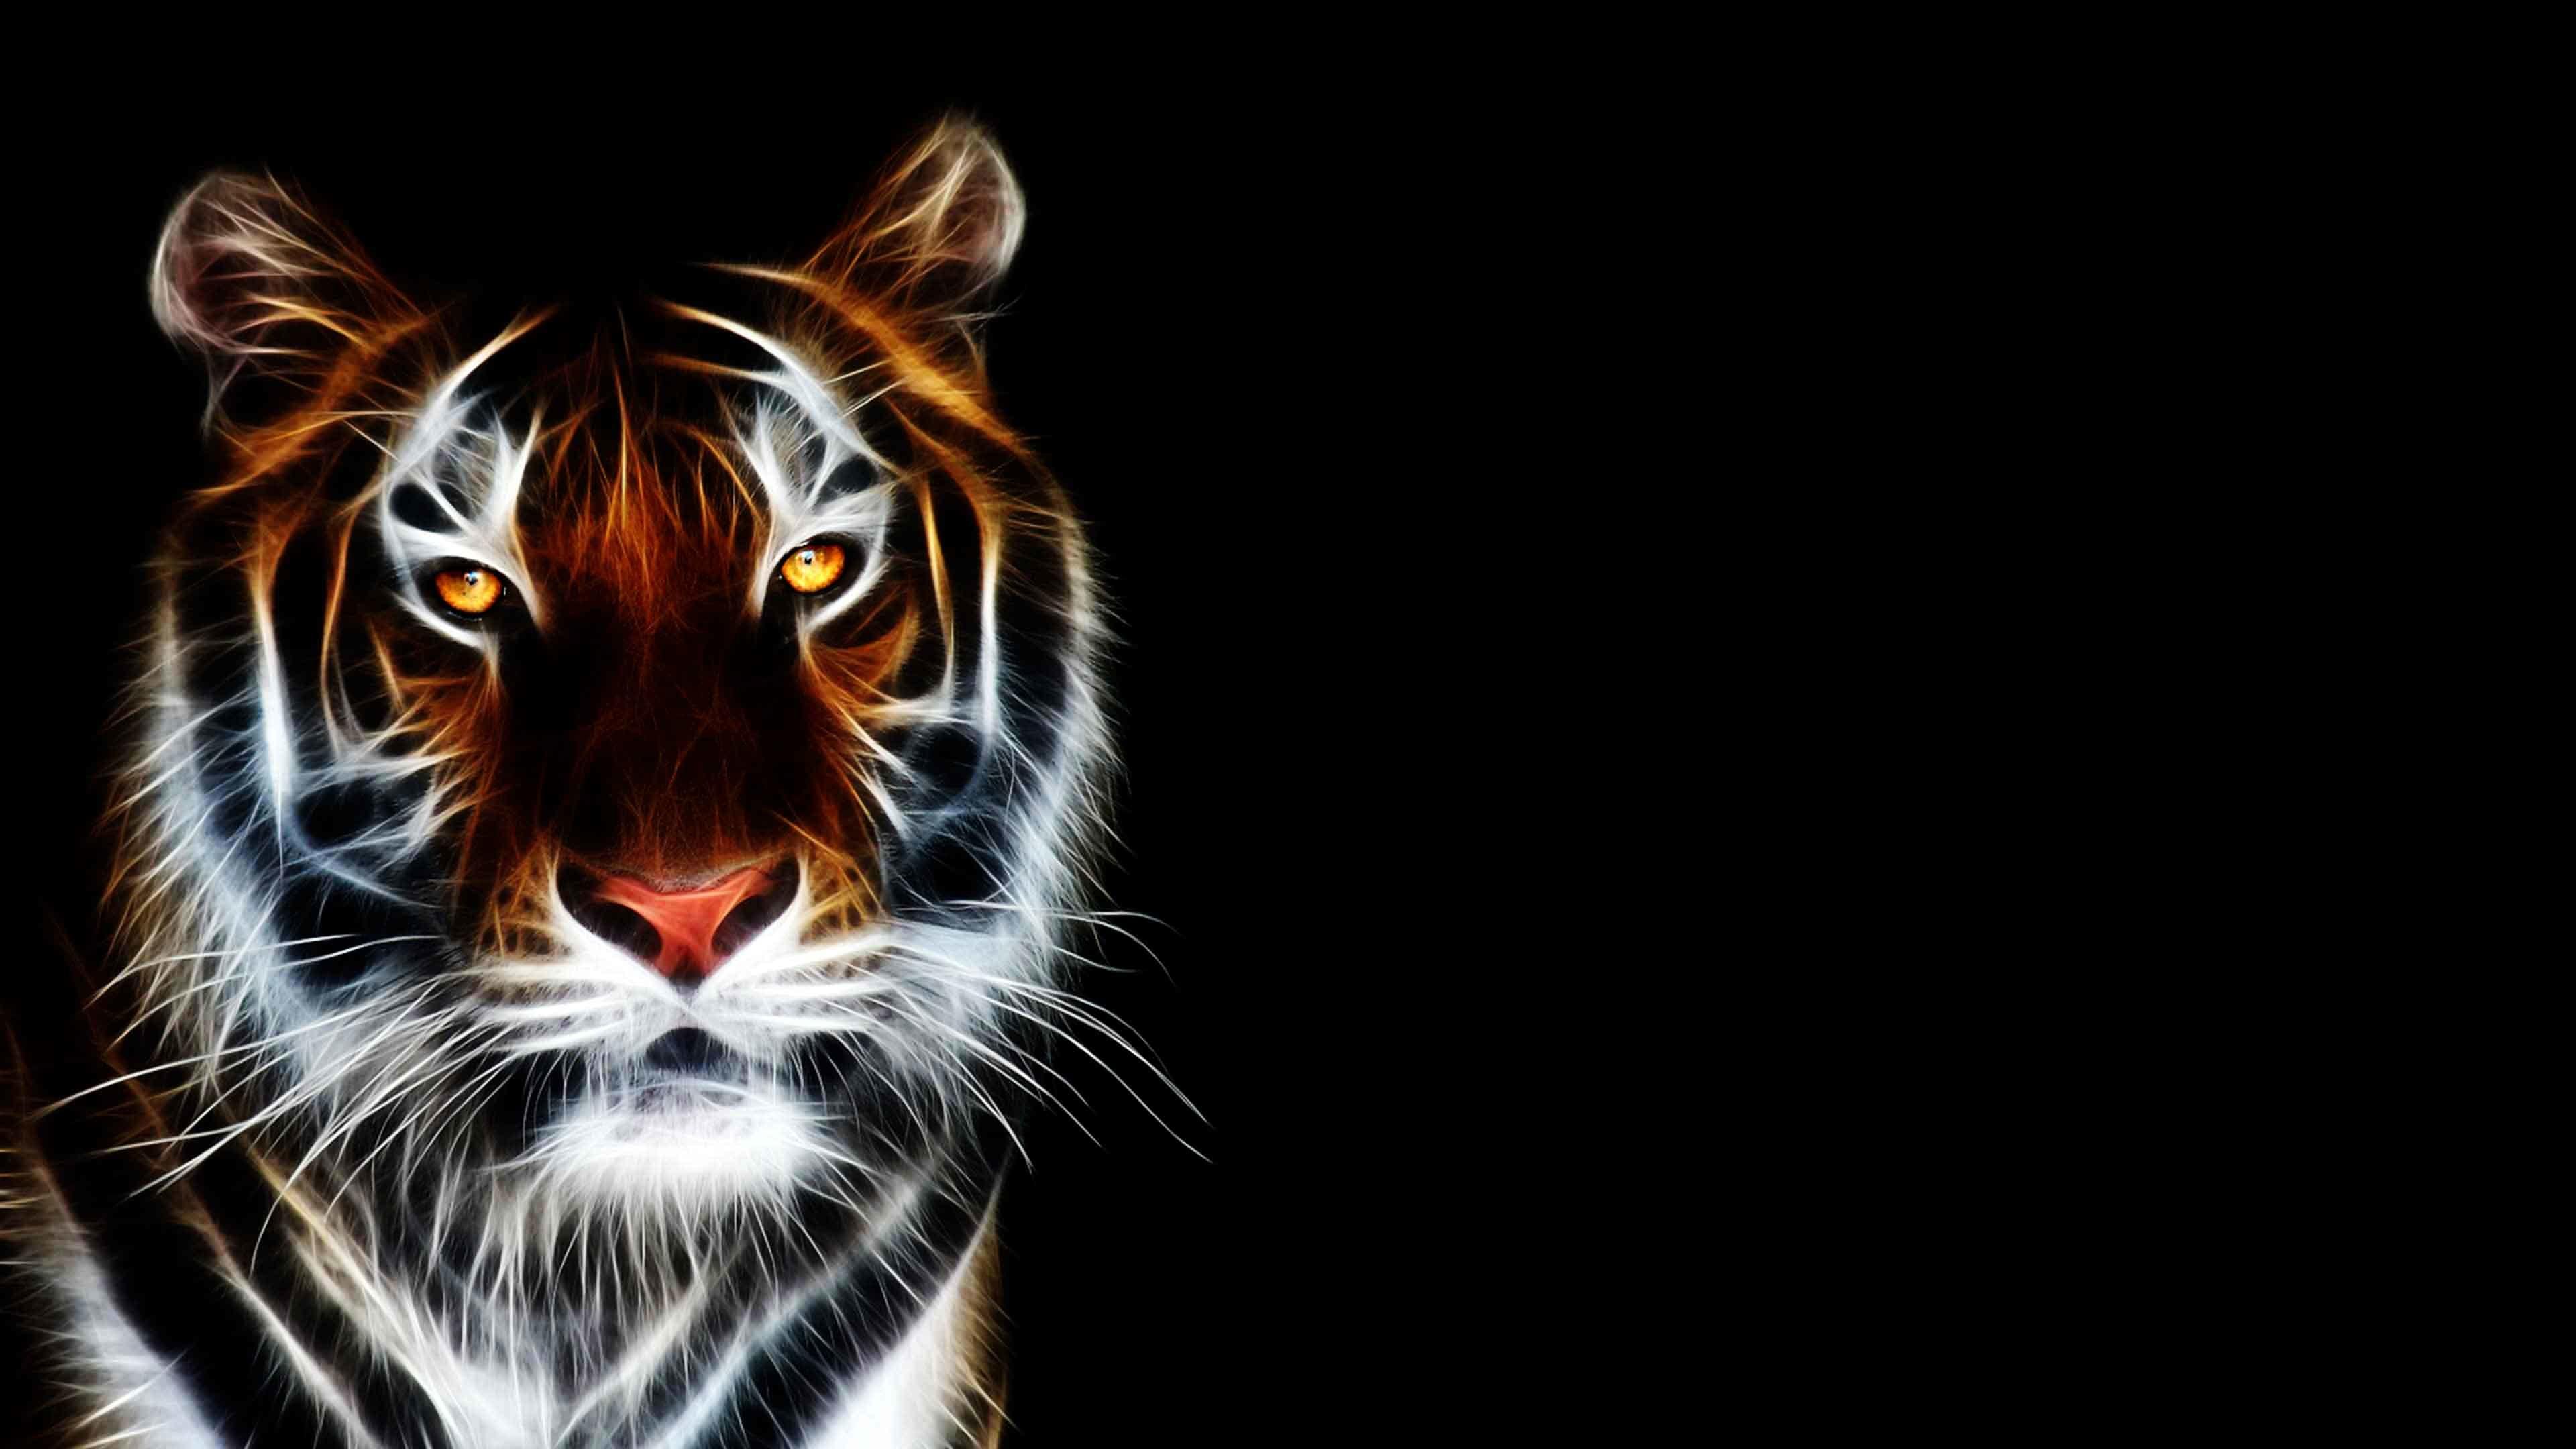 V.29 Tiger Wallpaper – Tiger Images